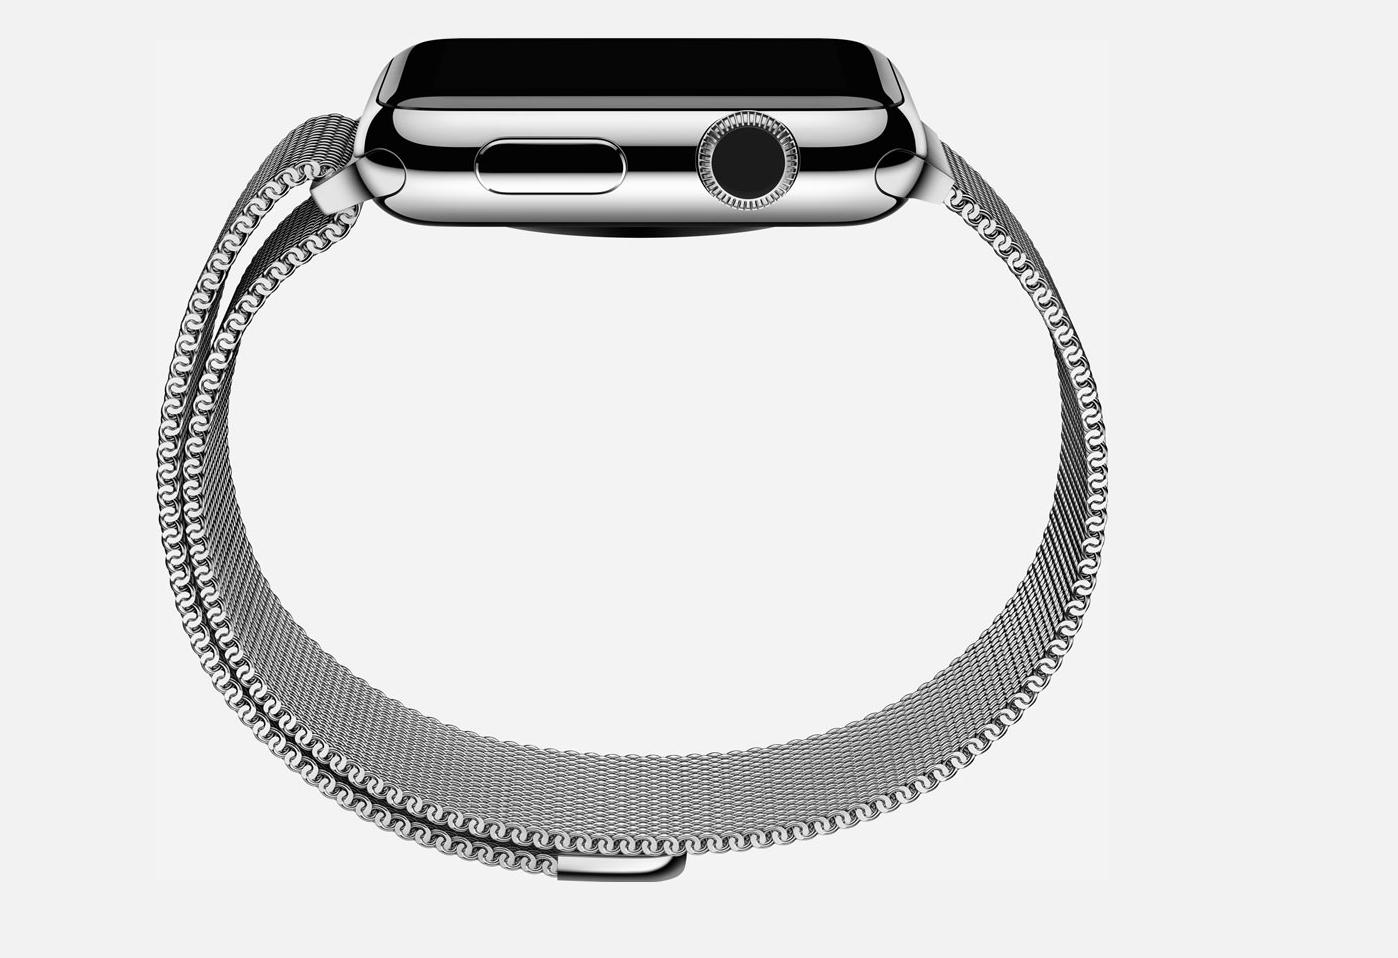 Eis a opinião de um especialista em relógios de pulso sobre o Apple Watch